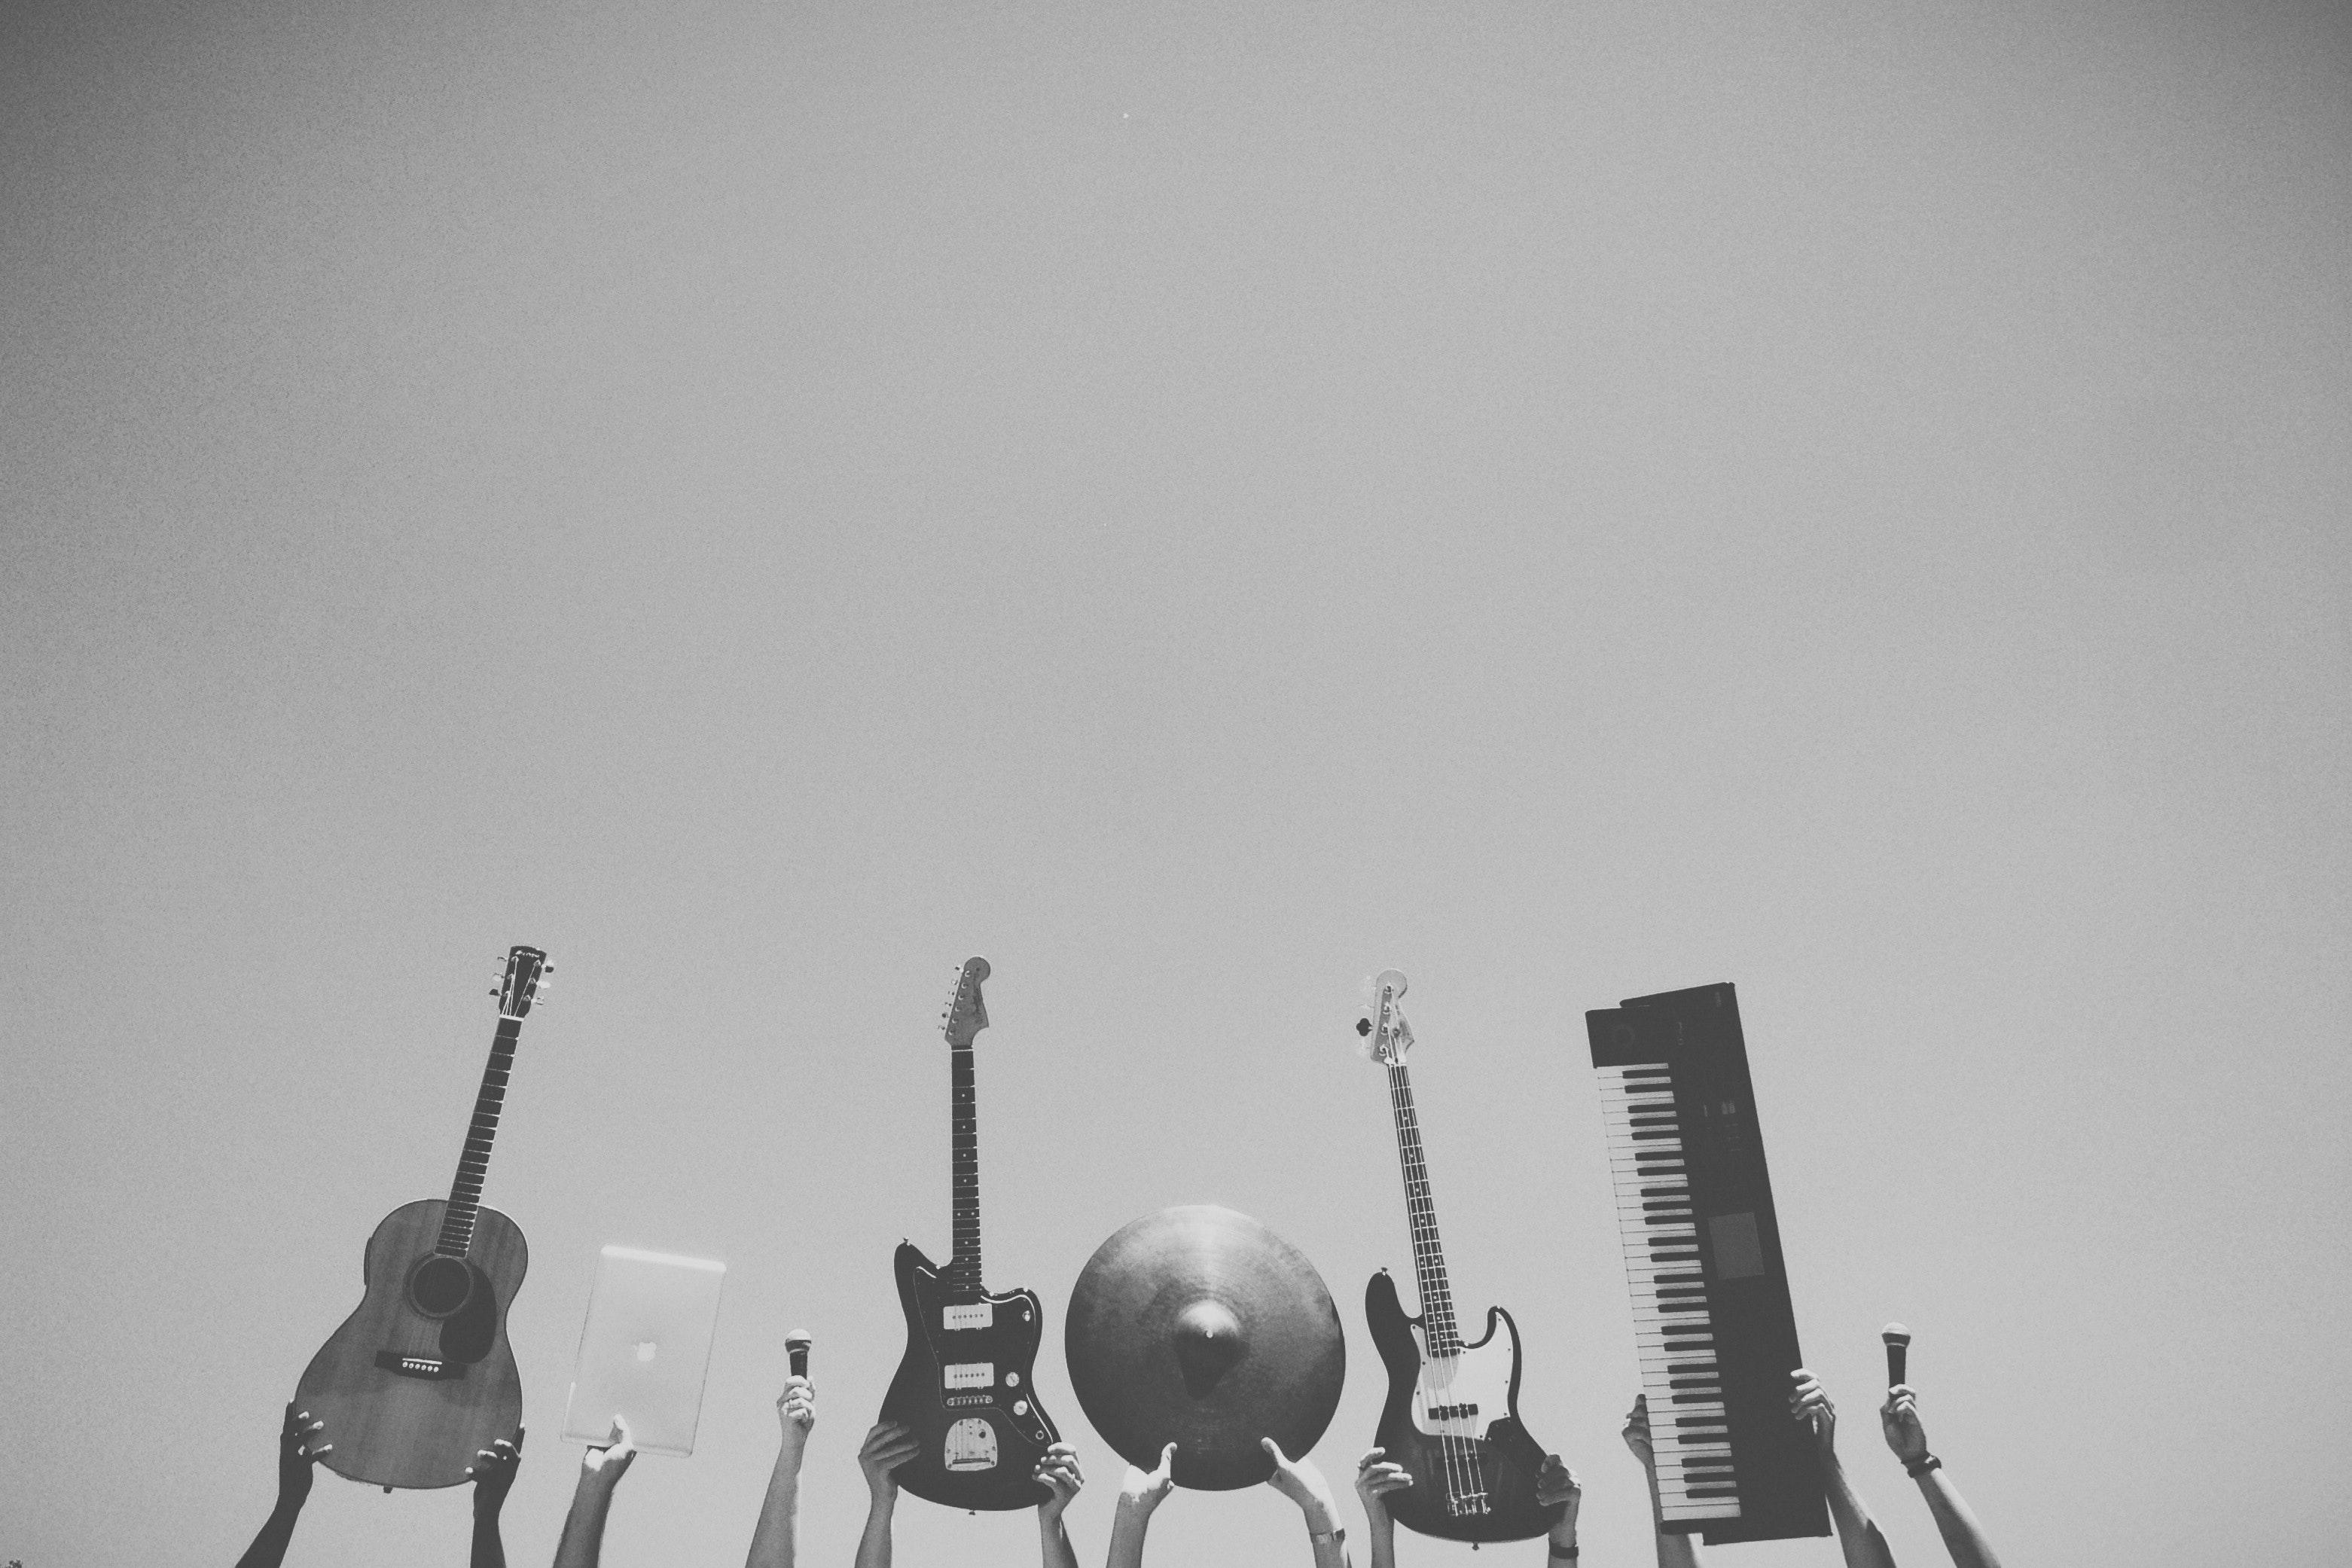 musicwebsiteblackandwhiteinstruments